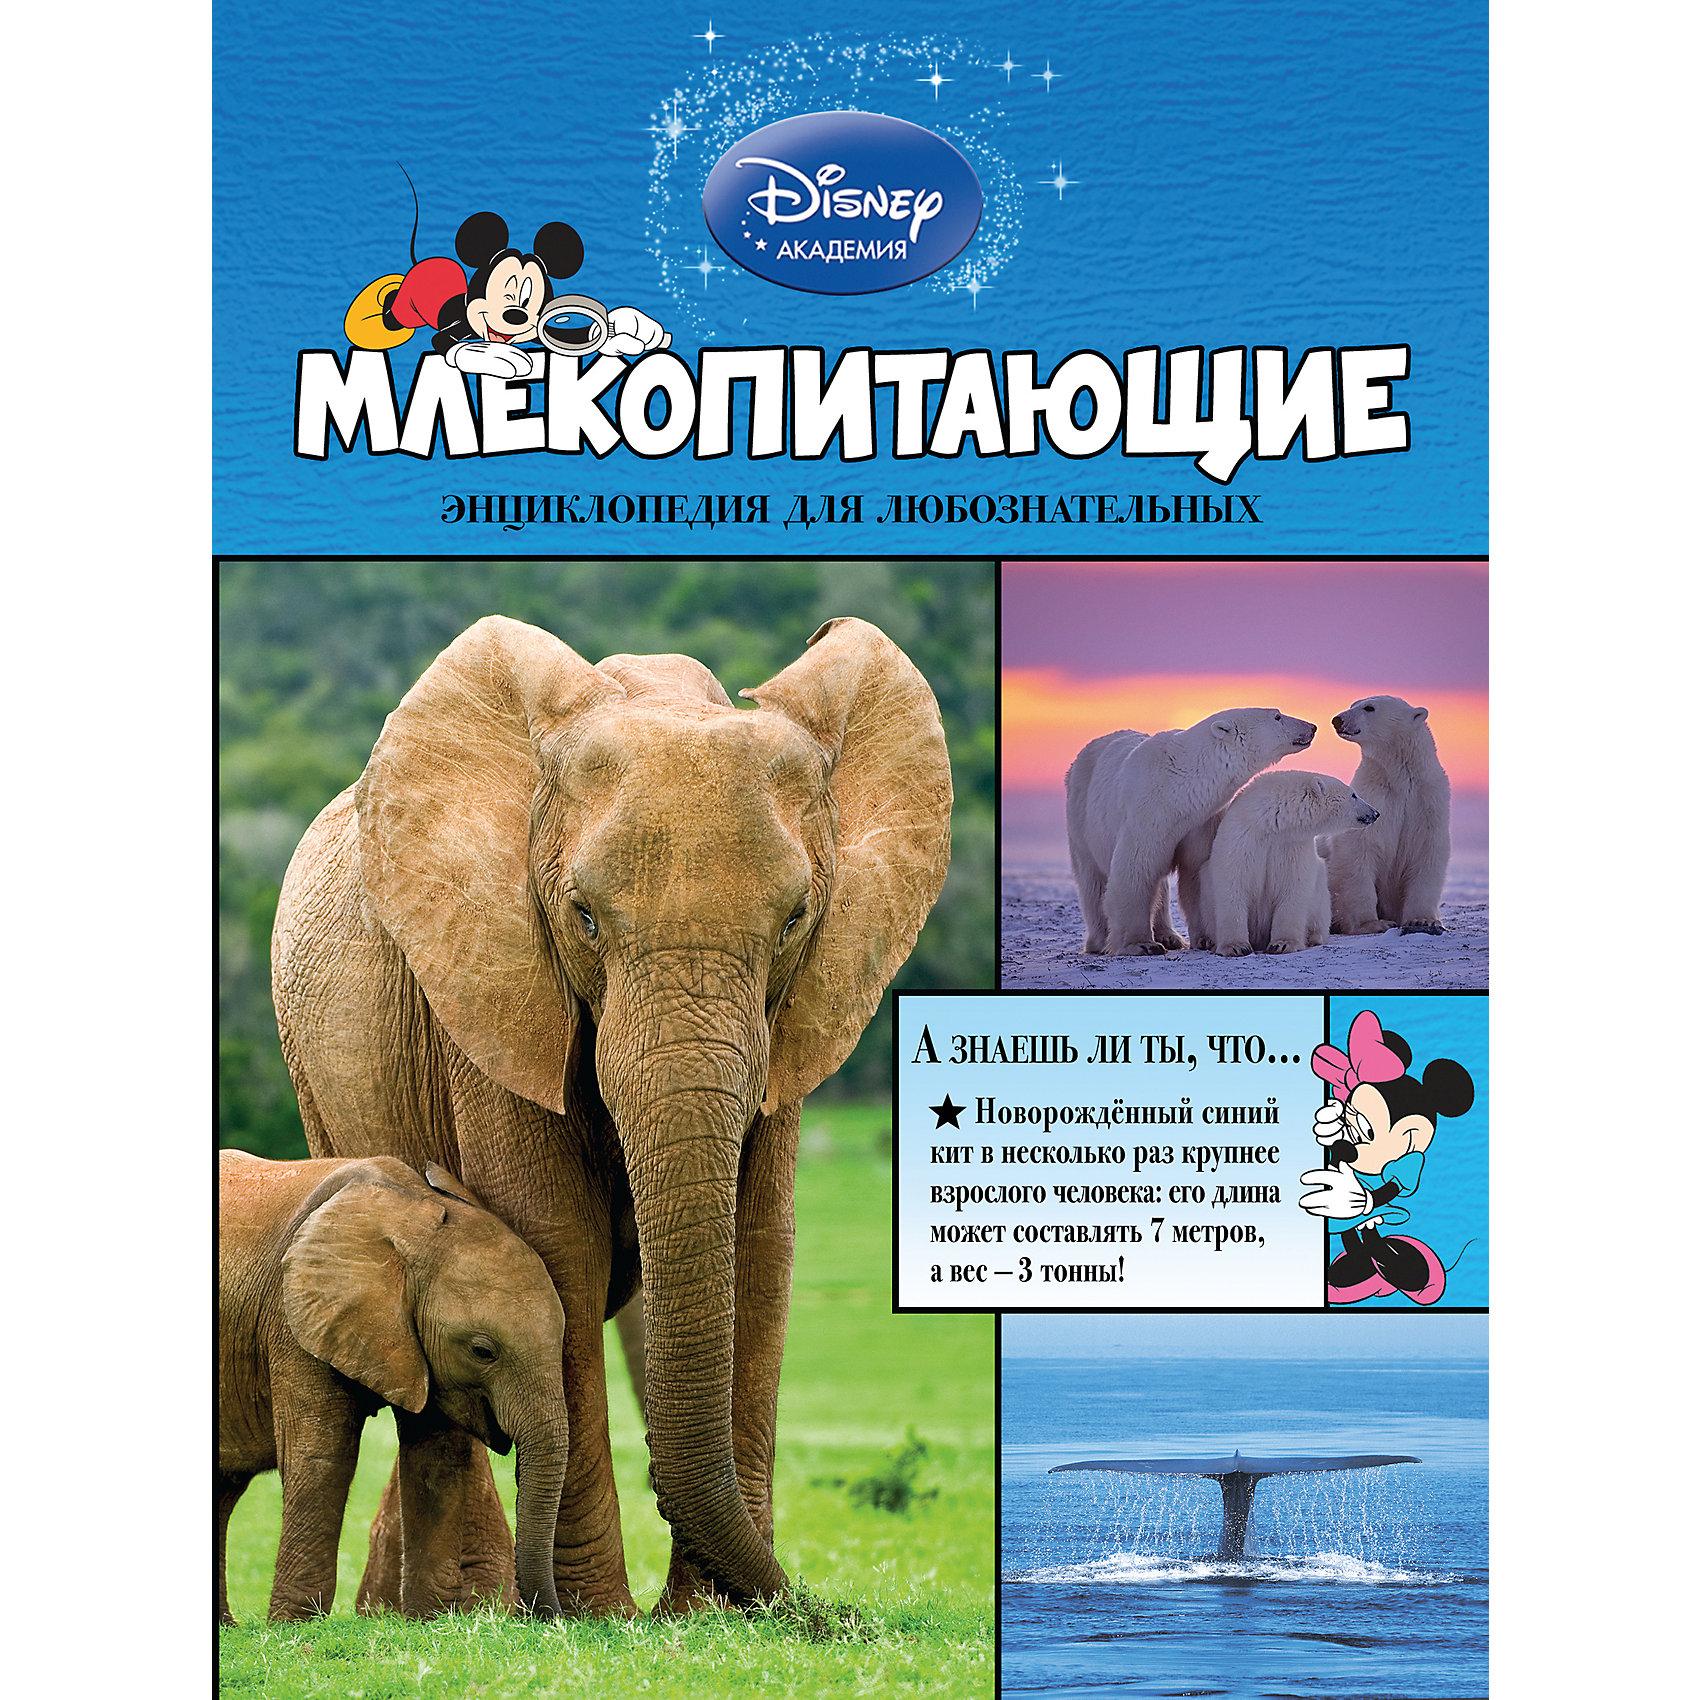 МлекопитающиеГерои Disney приглашают маленьких читателей исследовать окружающий мир! Из этой книги малыши узнают всё самое интересное о львах, кенгуру, обезьянах, жирафах, китах и других млекопитающих животных. Любимые персонажи расскажут о чём воют волки, как отличить африканских слонов от индийских, почему некоторых летучих мышей называют вампирами - и о многом другом. Ребят  ждут не только любопытнейшие факты, изложенные доступным и увлекательным языком, но и большие красочные иллюстрации! Рядом с картинками есть подписи, разъясняющие особенности и назначение той или иной части тела каждого животного. А ещё, благодаря этой книге, маленькие читатели разовьют познавательные способности, кругозор и структурное мышление, получат первый опыт работы с энциклопедической литературой.<br><br>Дополнительная информация:<br><br>- Редактор: Жилинская А.<br>- Формат: 29х21,7 см.<br>- Переплет: твердый.<br>- Количество страниц: 64. <br>- Иллюстрации: цветные.<br><br>Книгу Млекопитающие можно купить в нашем магазине.<br><br>Ширина мм: 280<br>Глубина мм: 210<br>Высота мм: 10<br>Вес г: 466<br>Возраст от месяцев: 36<br>Возраст до месяцев: 72<br>Пол: Унисекс<br>Возраст: Детский<br>SKU: 4414949